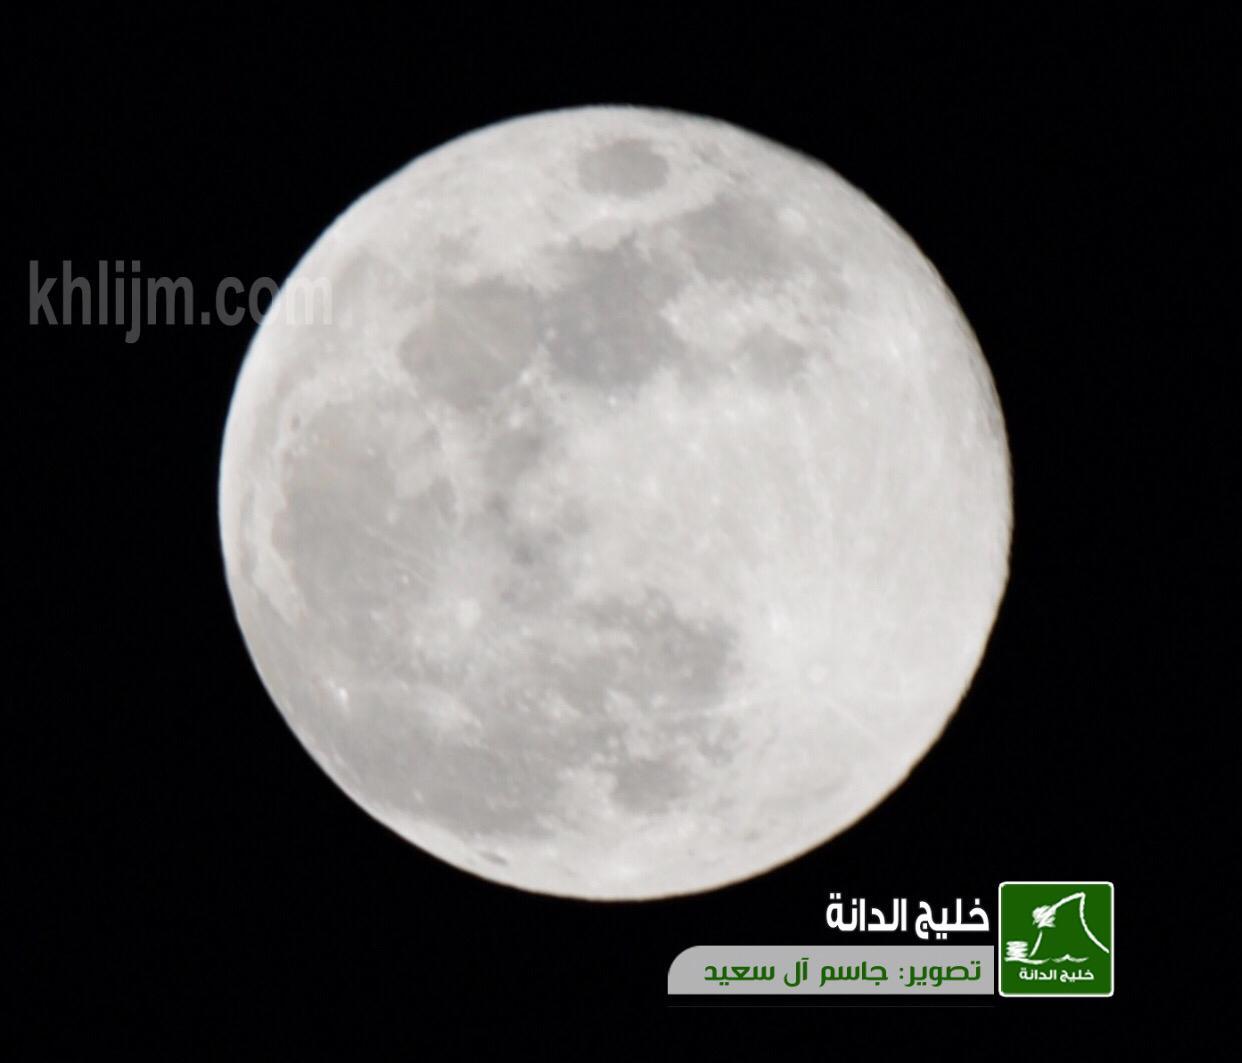 صورة خسوف كاذب للقمر يوم الجمعة… وظاهرتان فلكيتان بيوم واحد